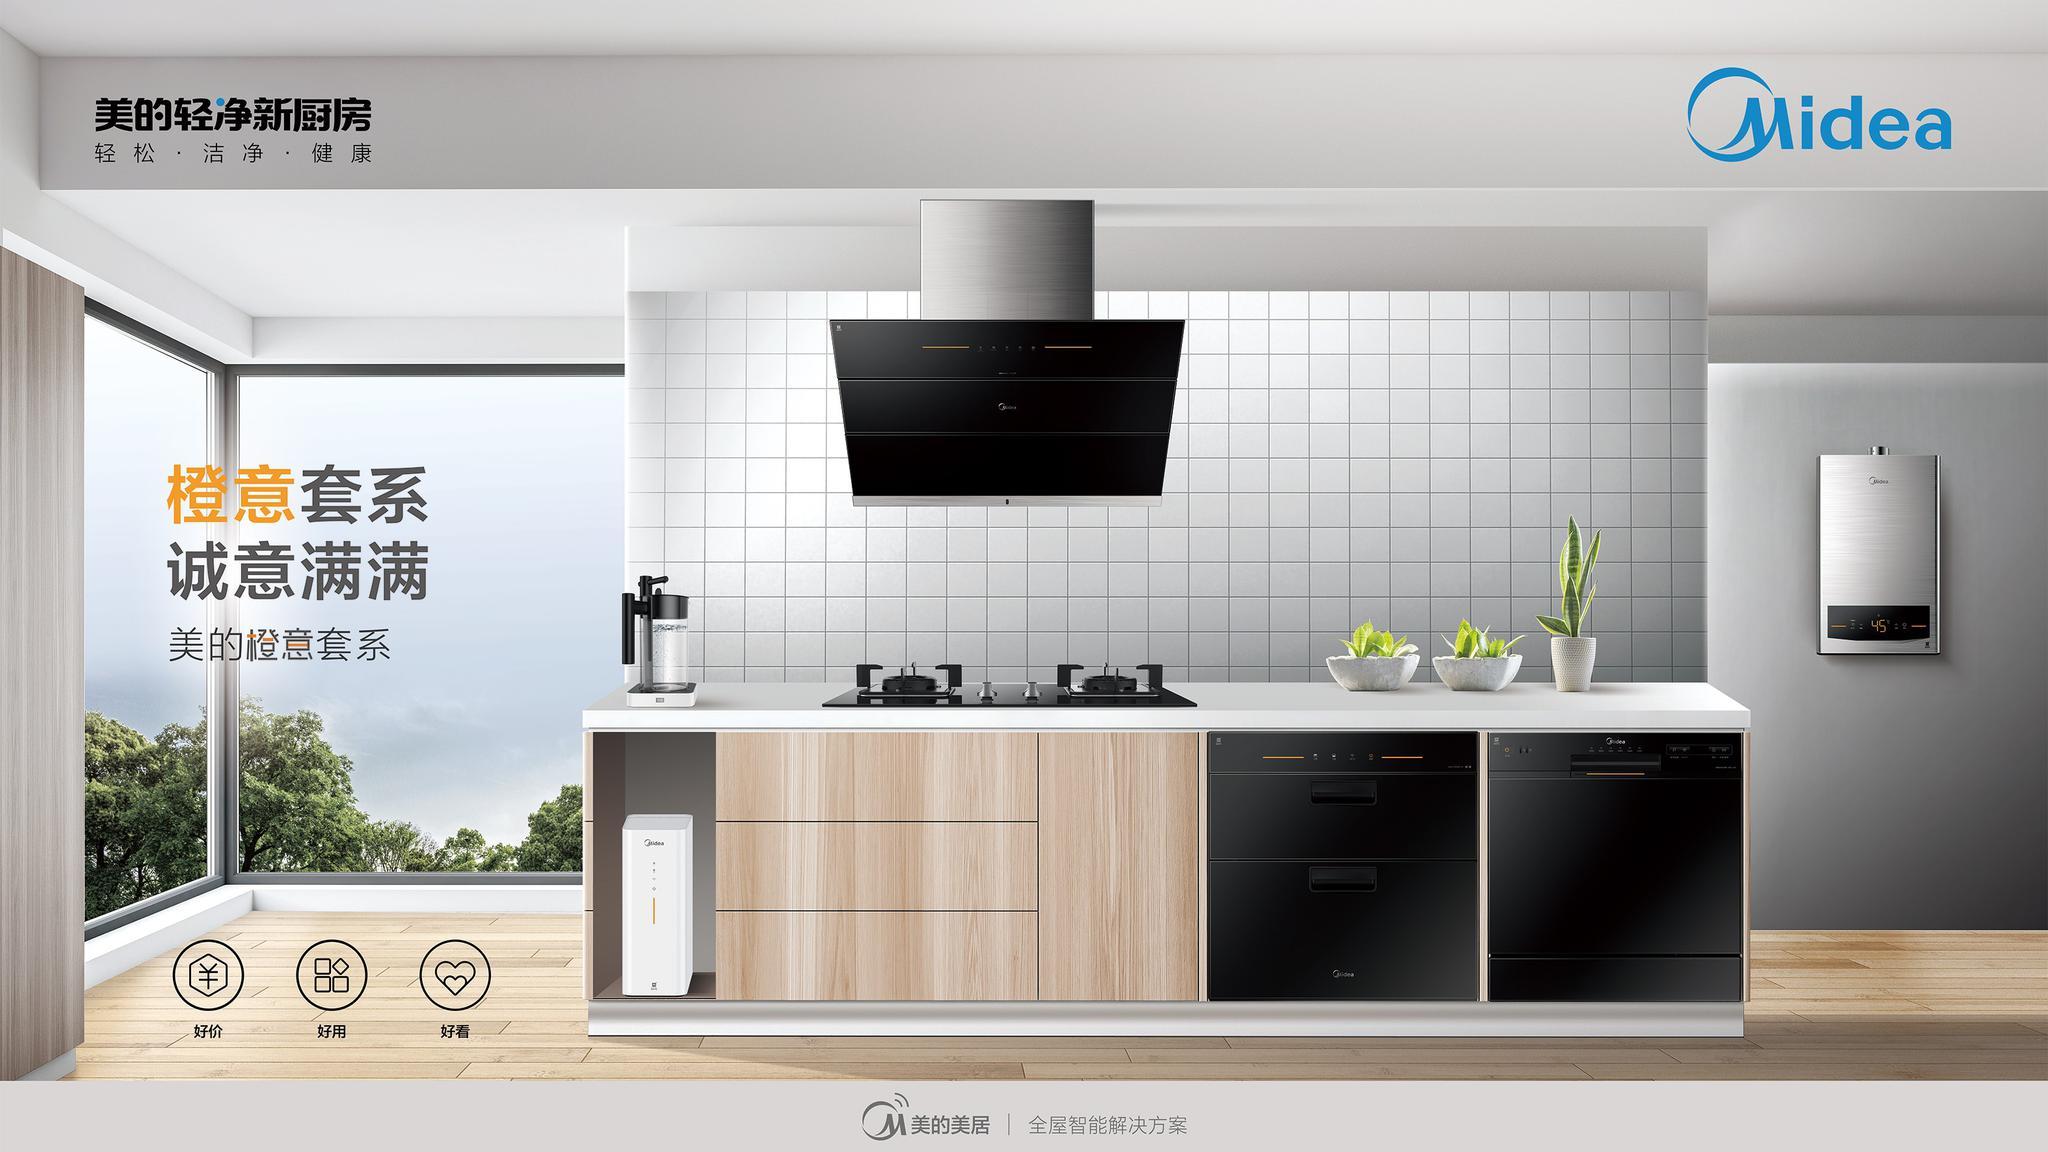 """厨房需要新标准 美的厨热橙意套系开启厨房""""智能时代"""""""